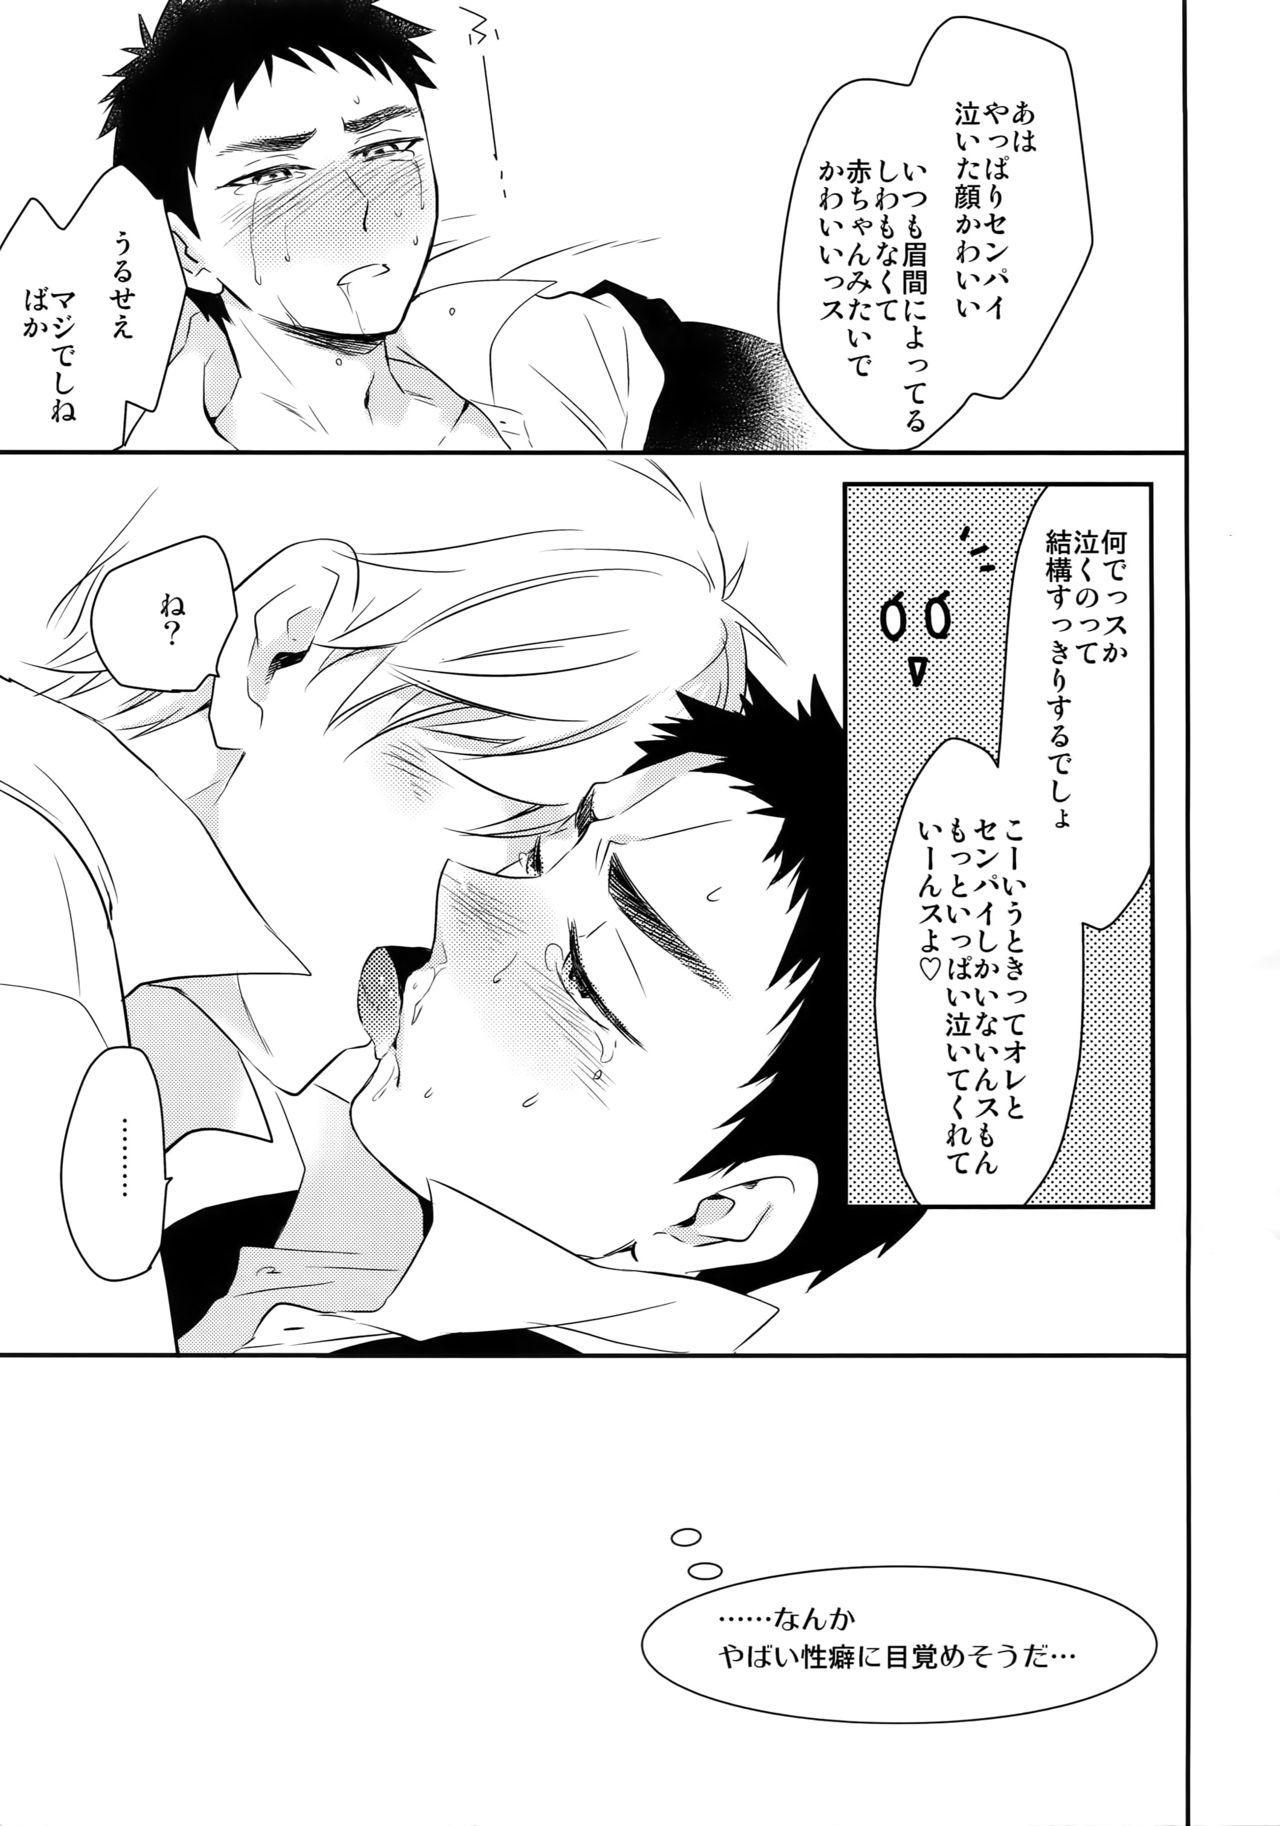 [Bakuchi Jinsei SP (Satsuki Fumi)] Kanpeki Kareshi to Zettai Ryouiki Ouji-sama - Another Version - (Kuroko no Basket) 69